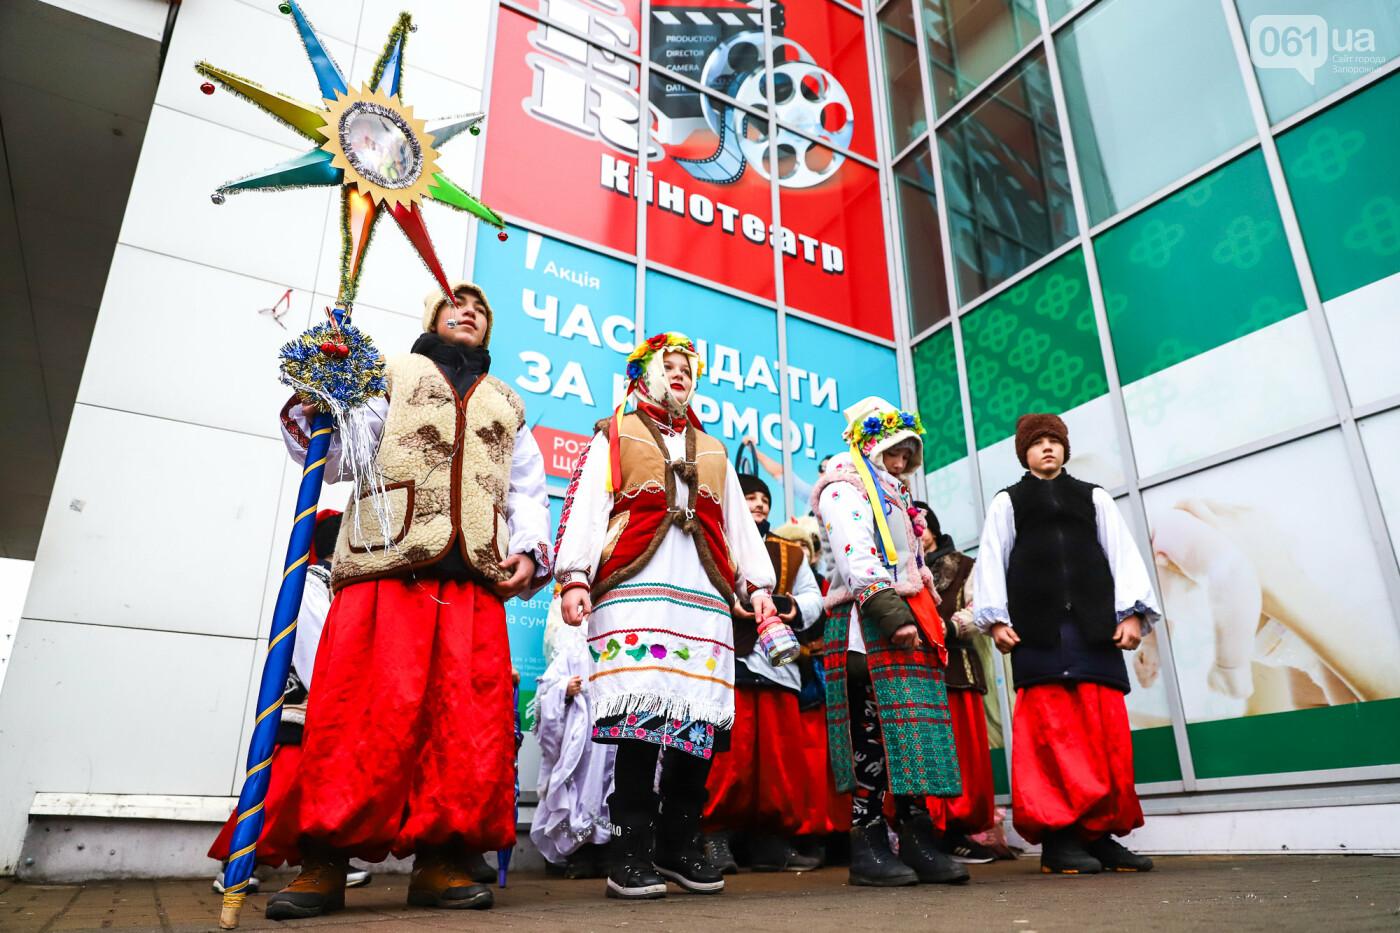 Нечистая сила против казаков: на улицах Запорожья показывали Рождественский вертеп, - ФОТО, ВИДЕО  , фото-6